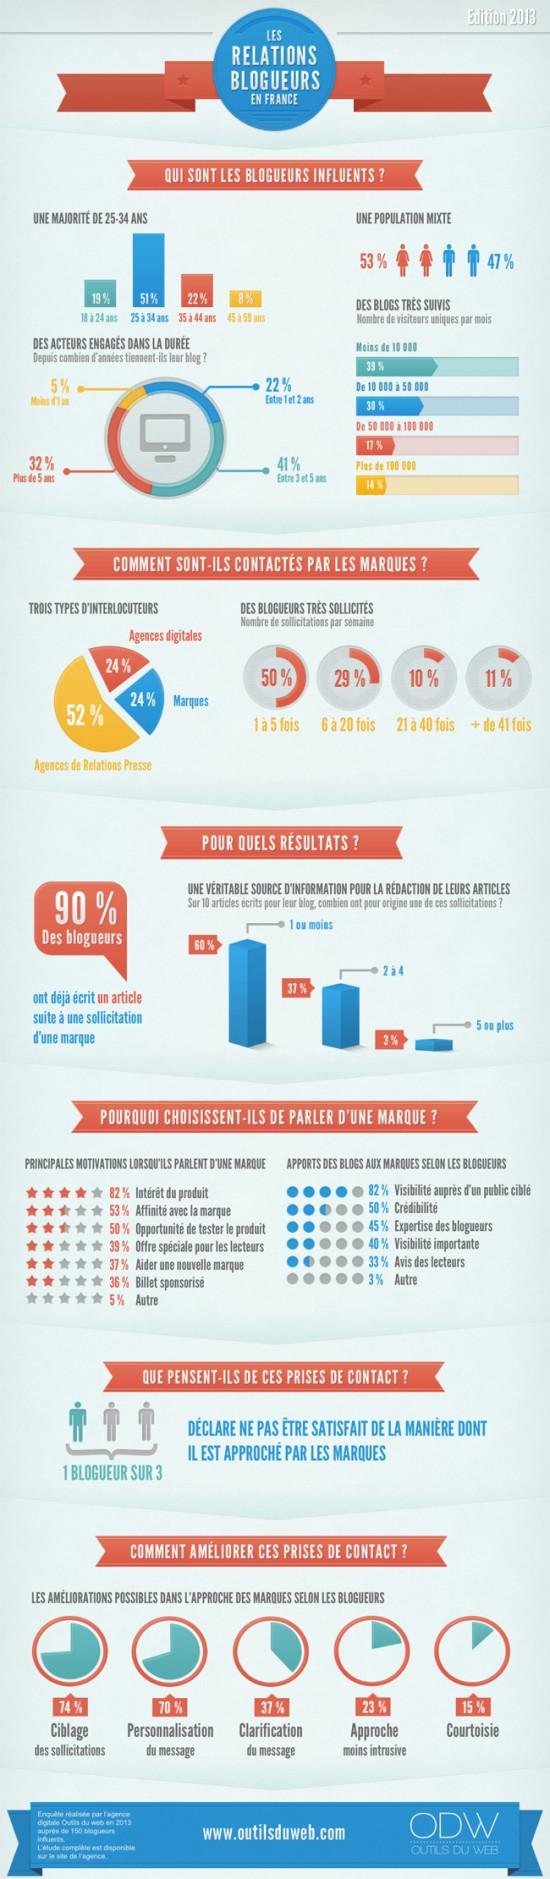 blogueurs et marques en France,les relations